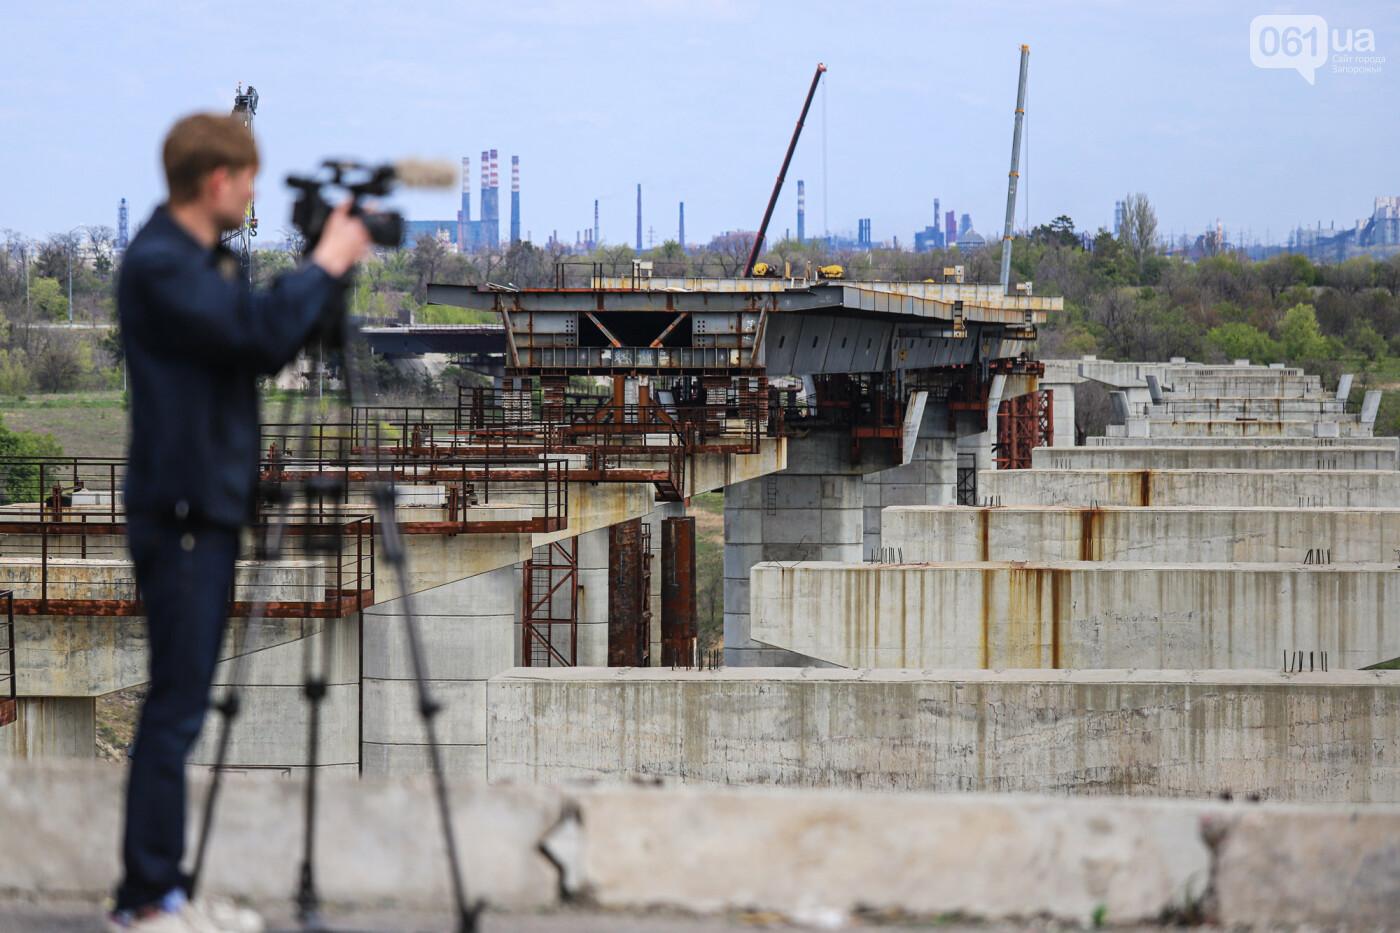 Глава Укравтодора побывал на запорожских мостах — планирует их достроить за два года, - ФОТОРЕПОРТАЖ , фото-22